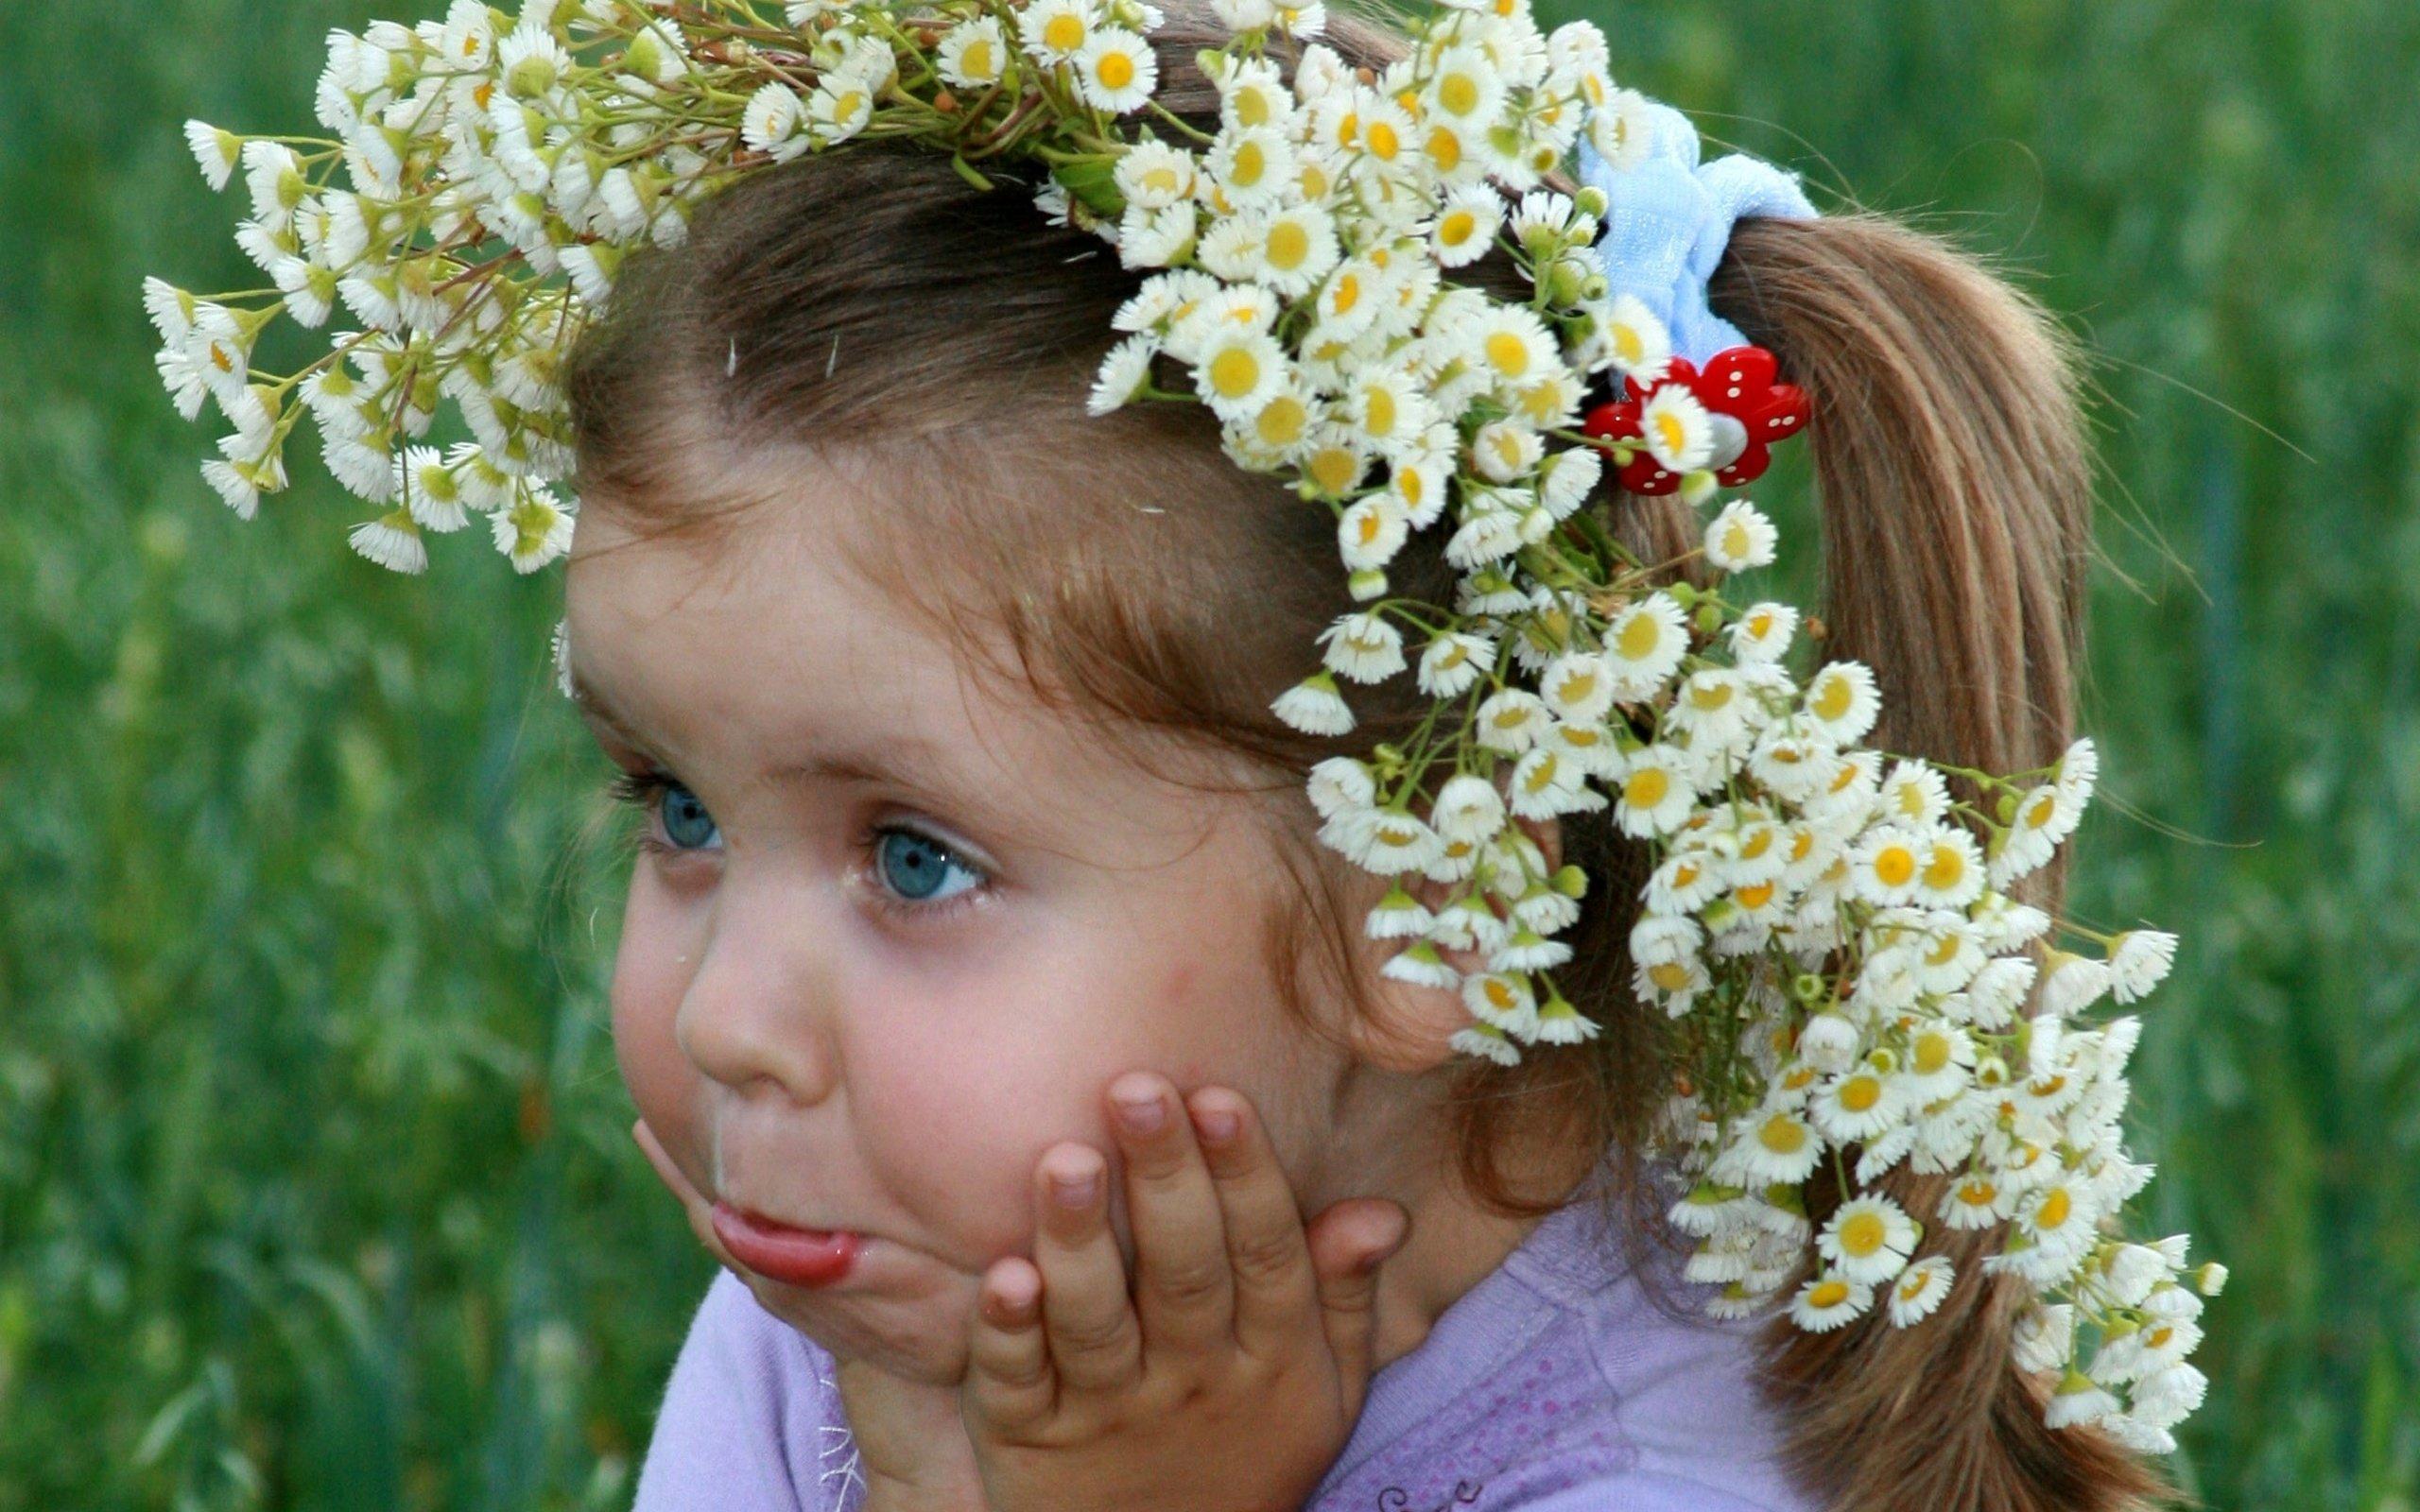 Смешные картинки детей с цветами, день студента татьянин